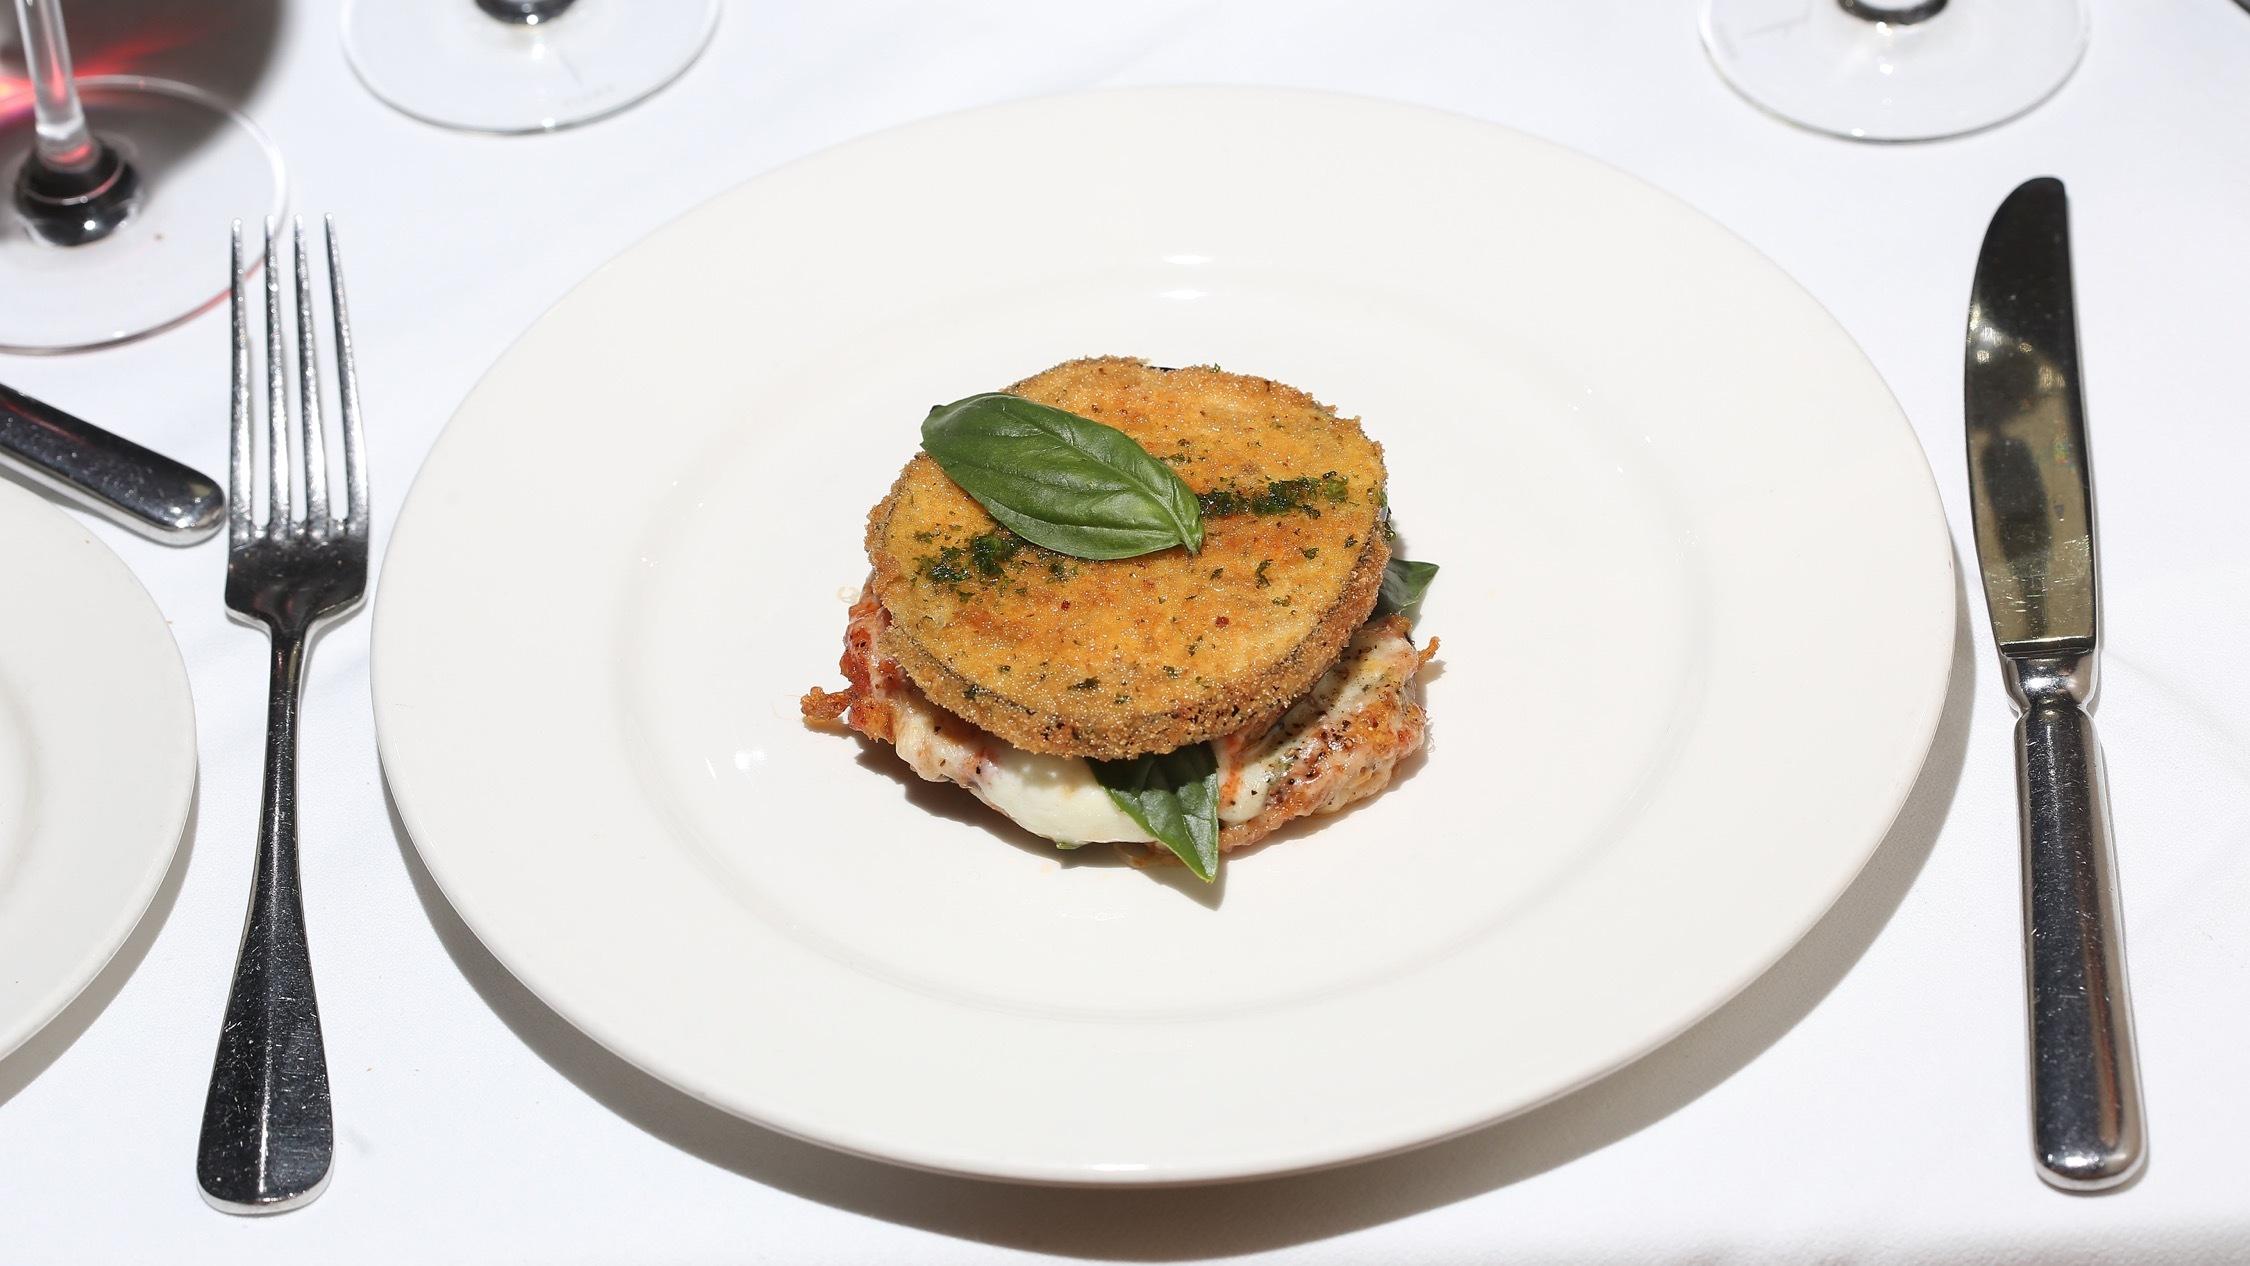 Food at Cafe Di Stasio